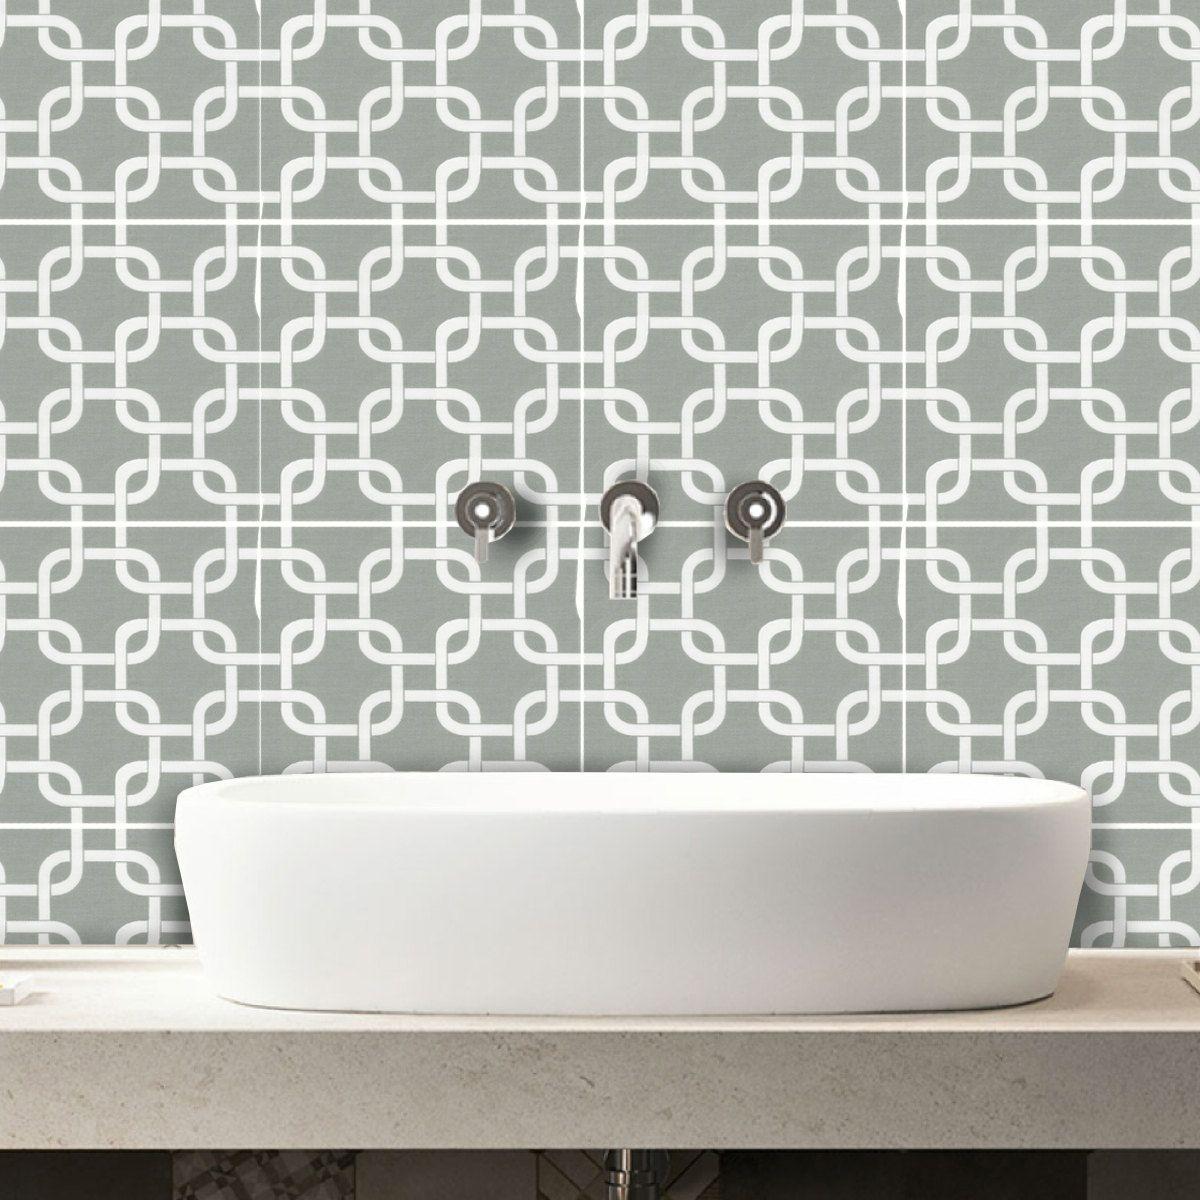 Tile Stickers - Decal for Kitchen/Bathroom Back splash or Floor ...